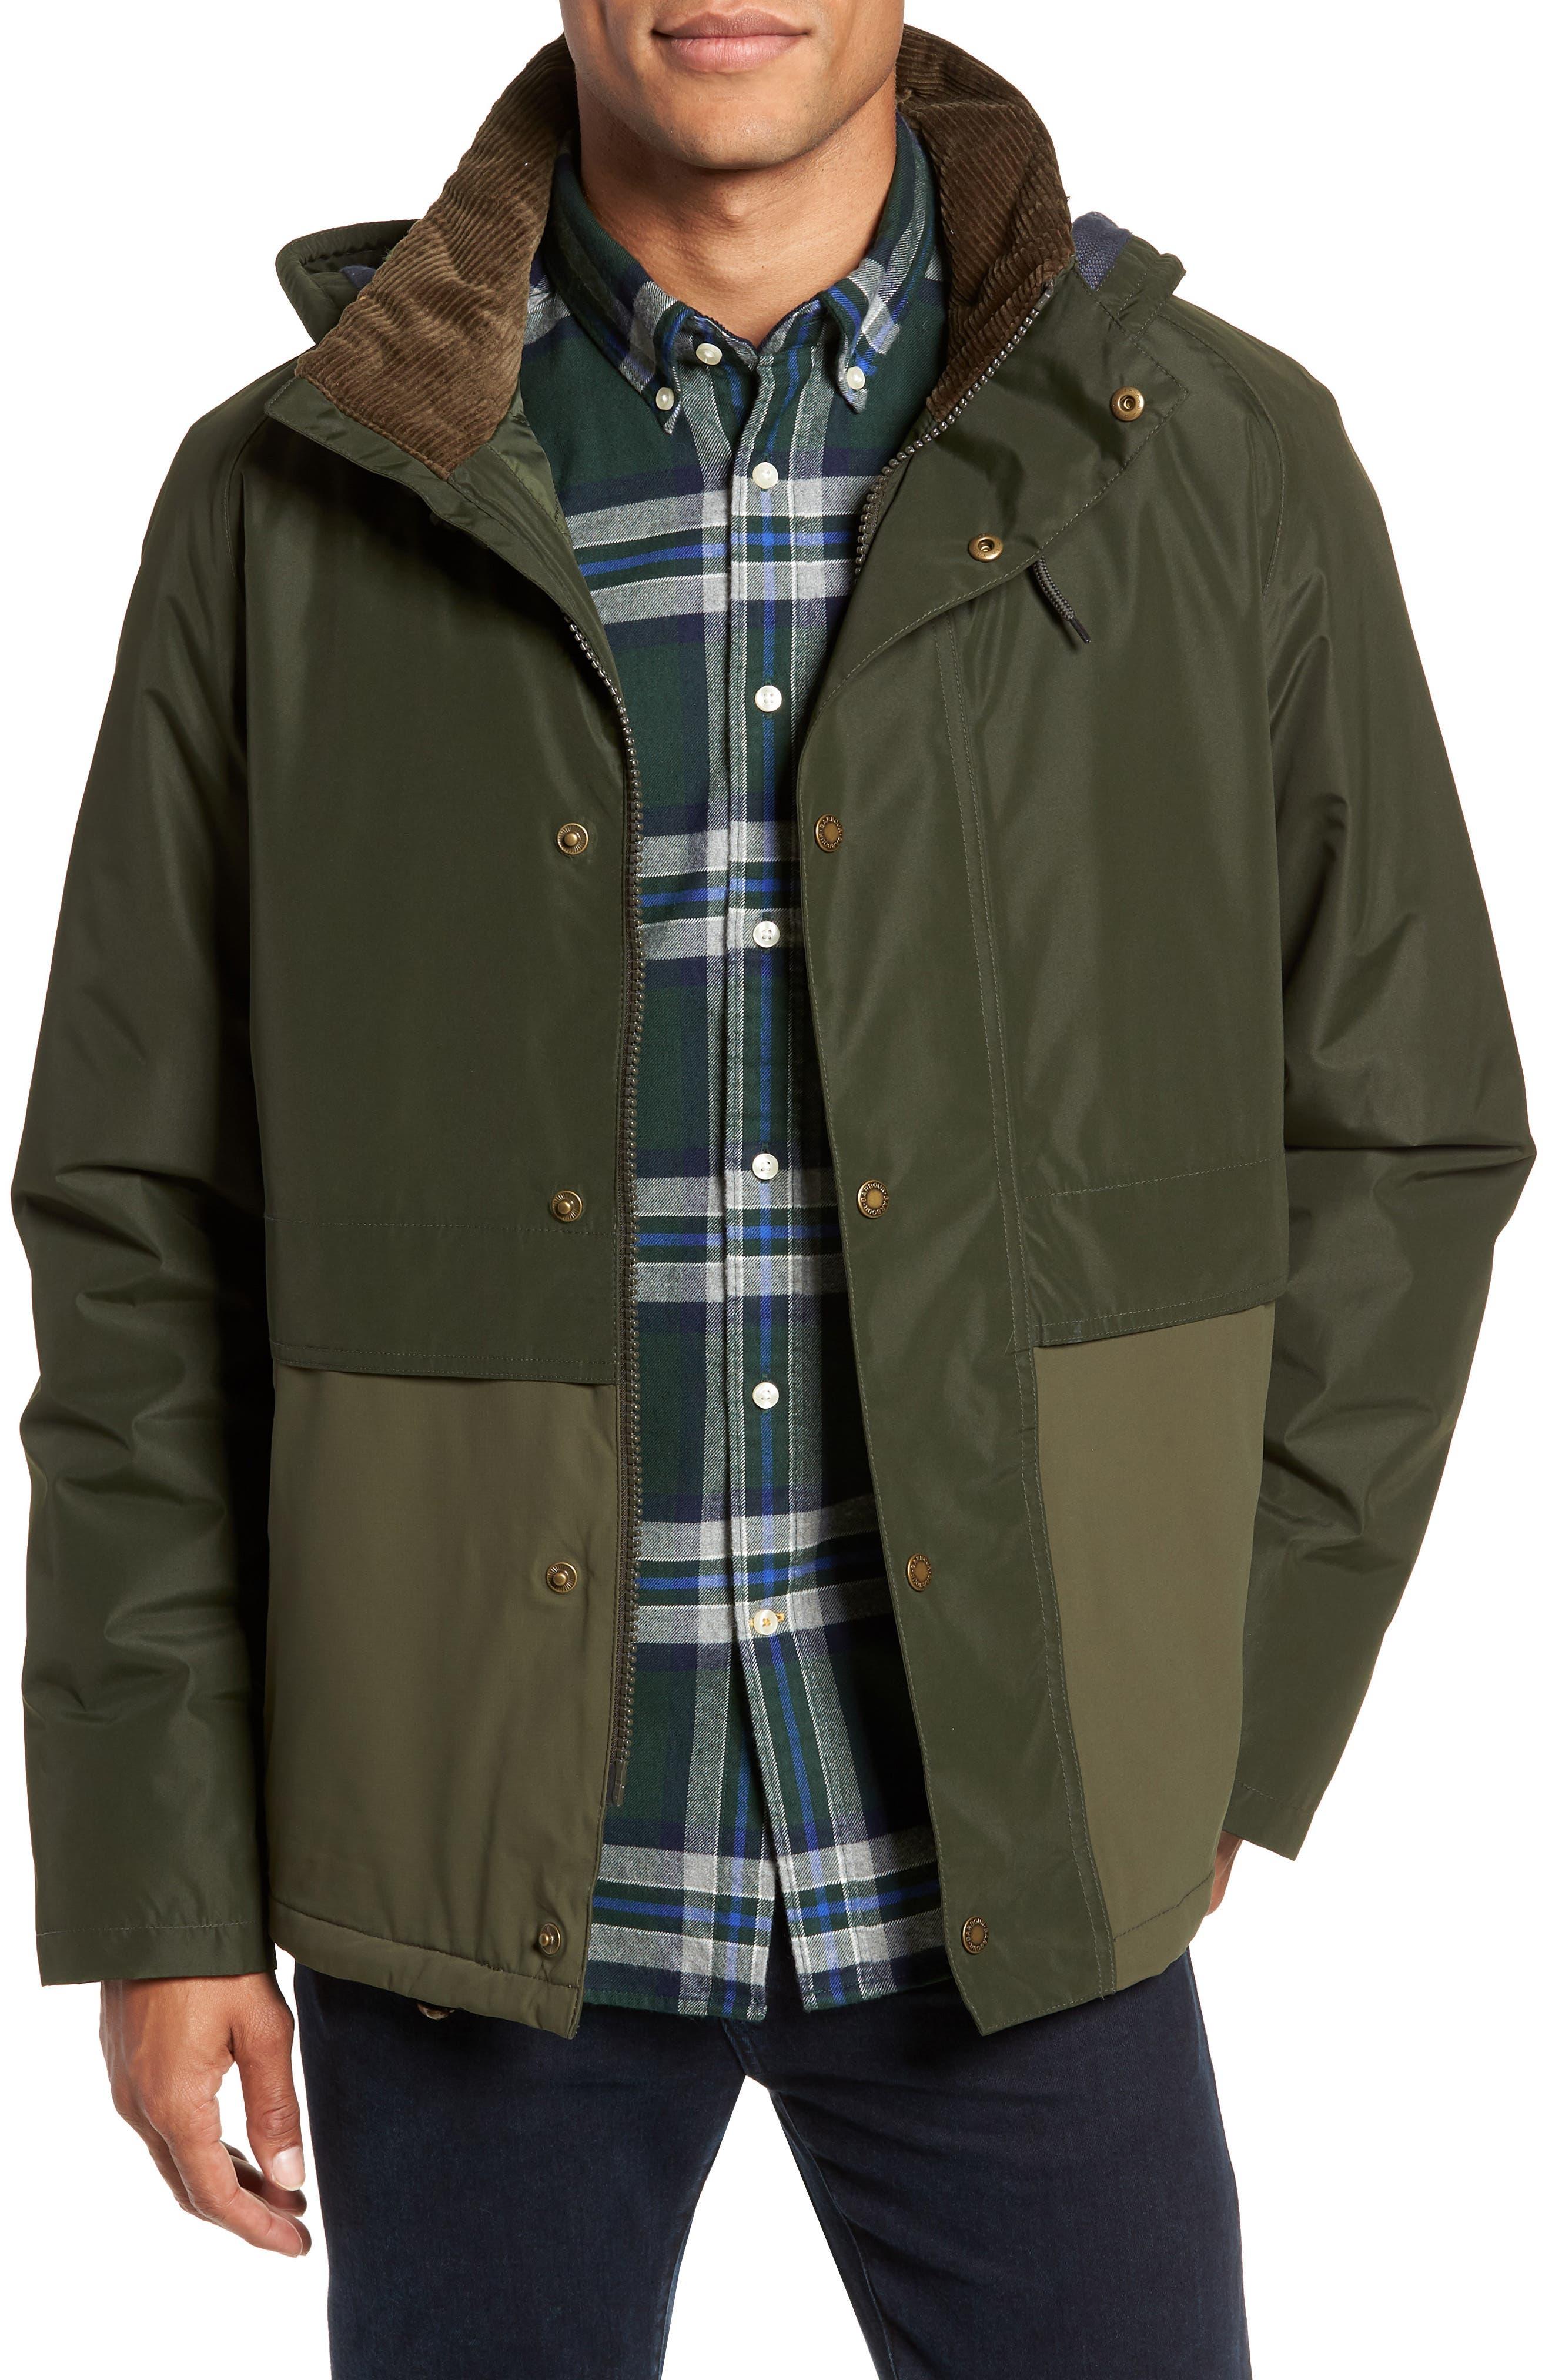 Barbour Rathlin Jacket Waterproof Breathable Jacket, Green